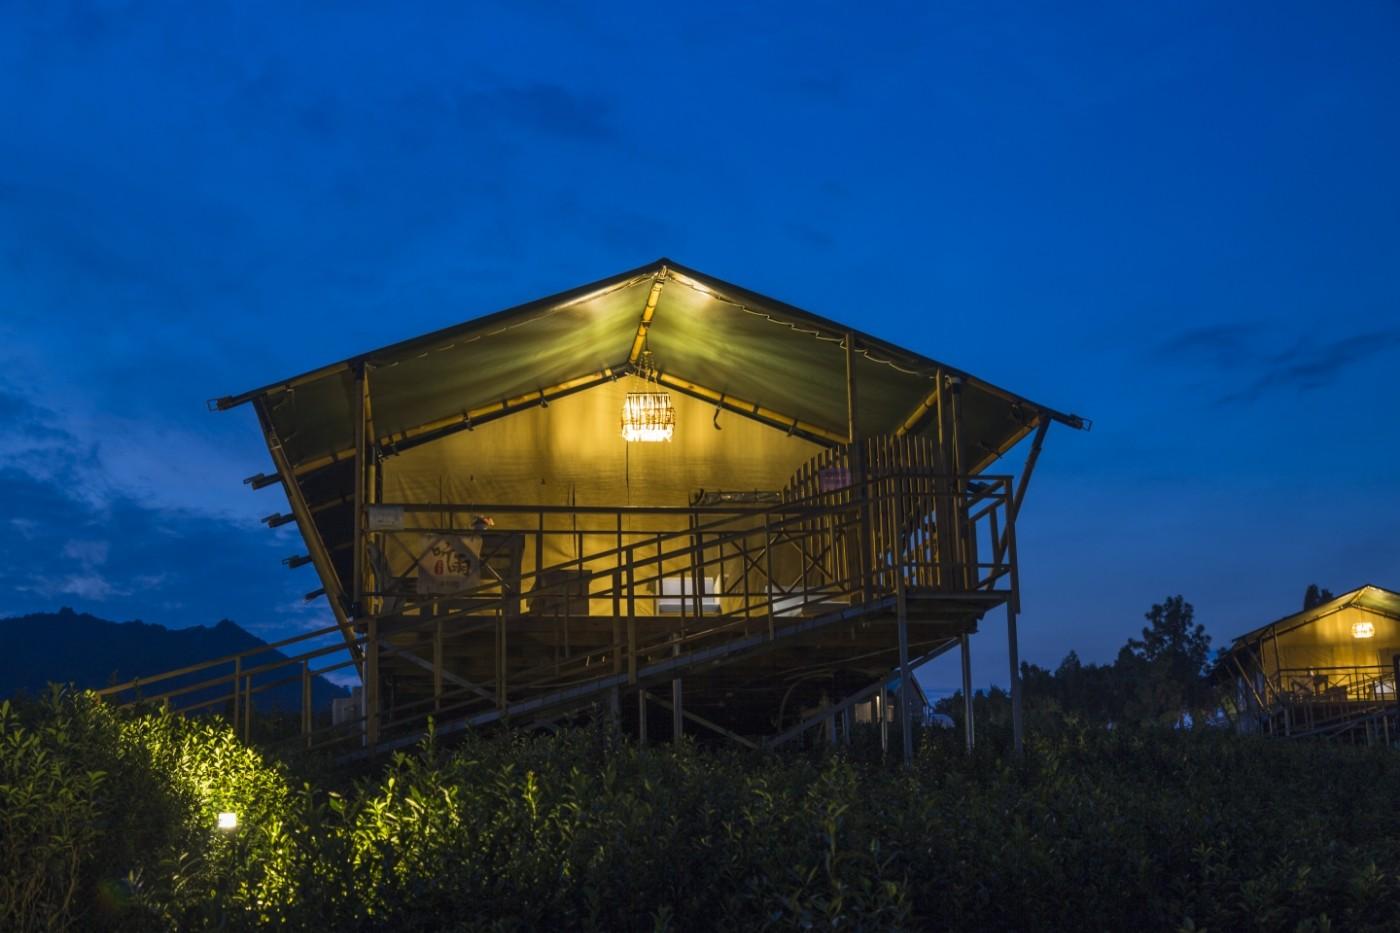 喜马拉雅野奢帐篷酒店—宝盛园夜色21